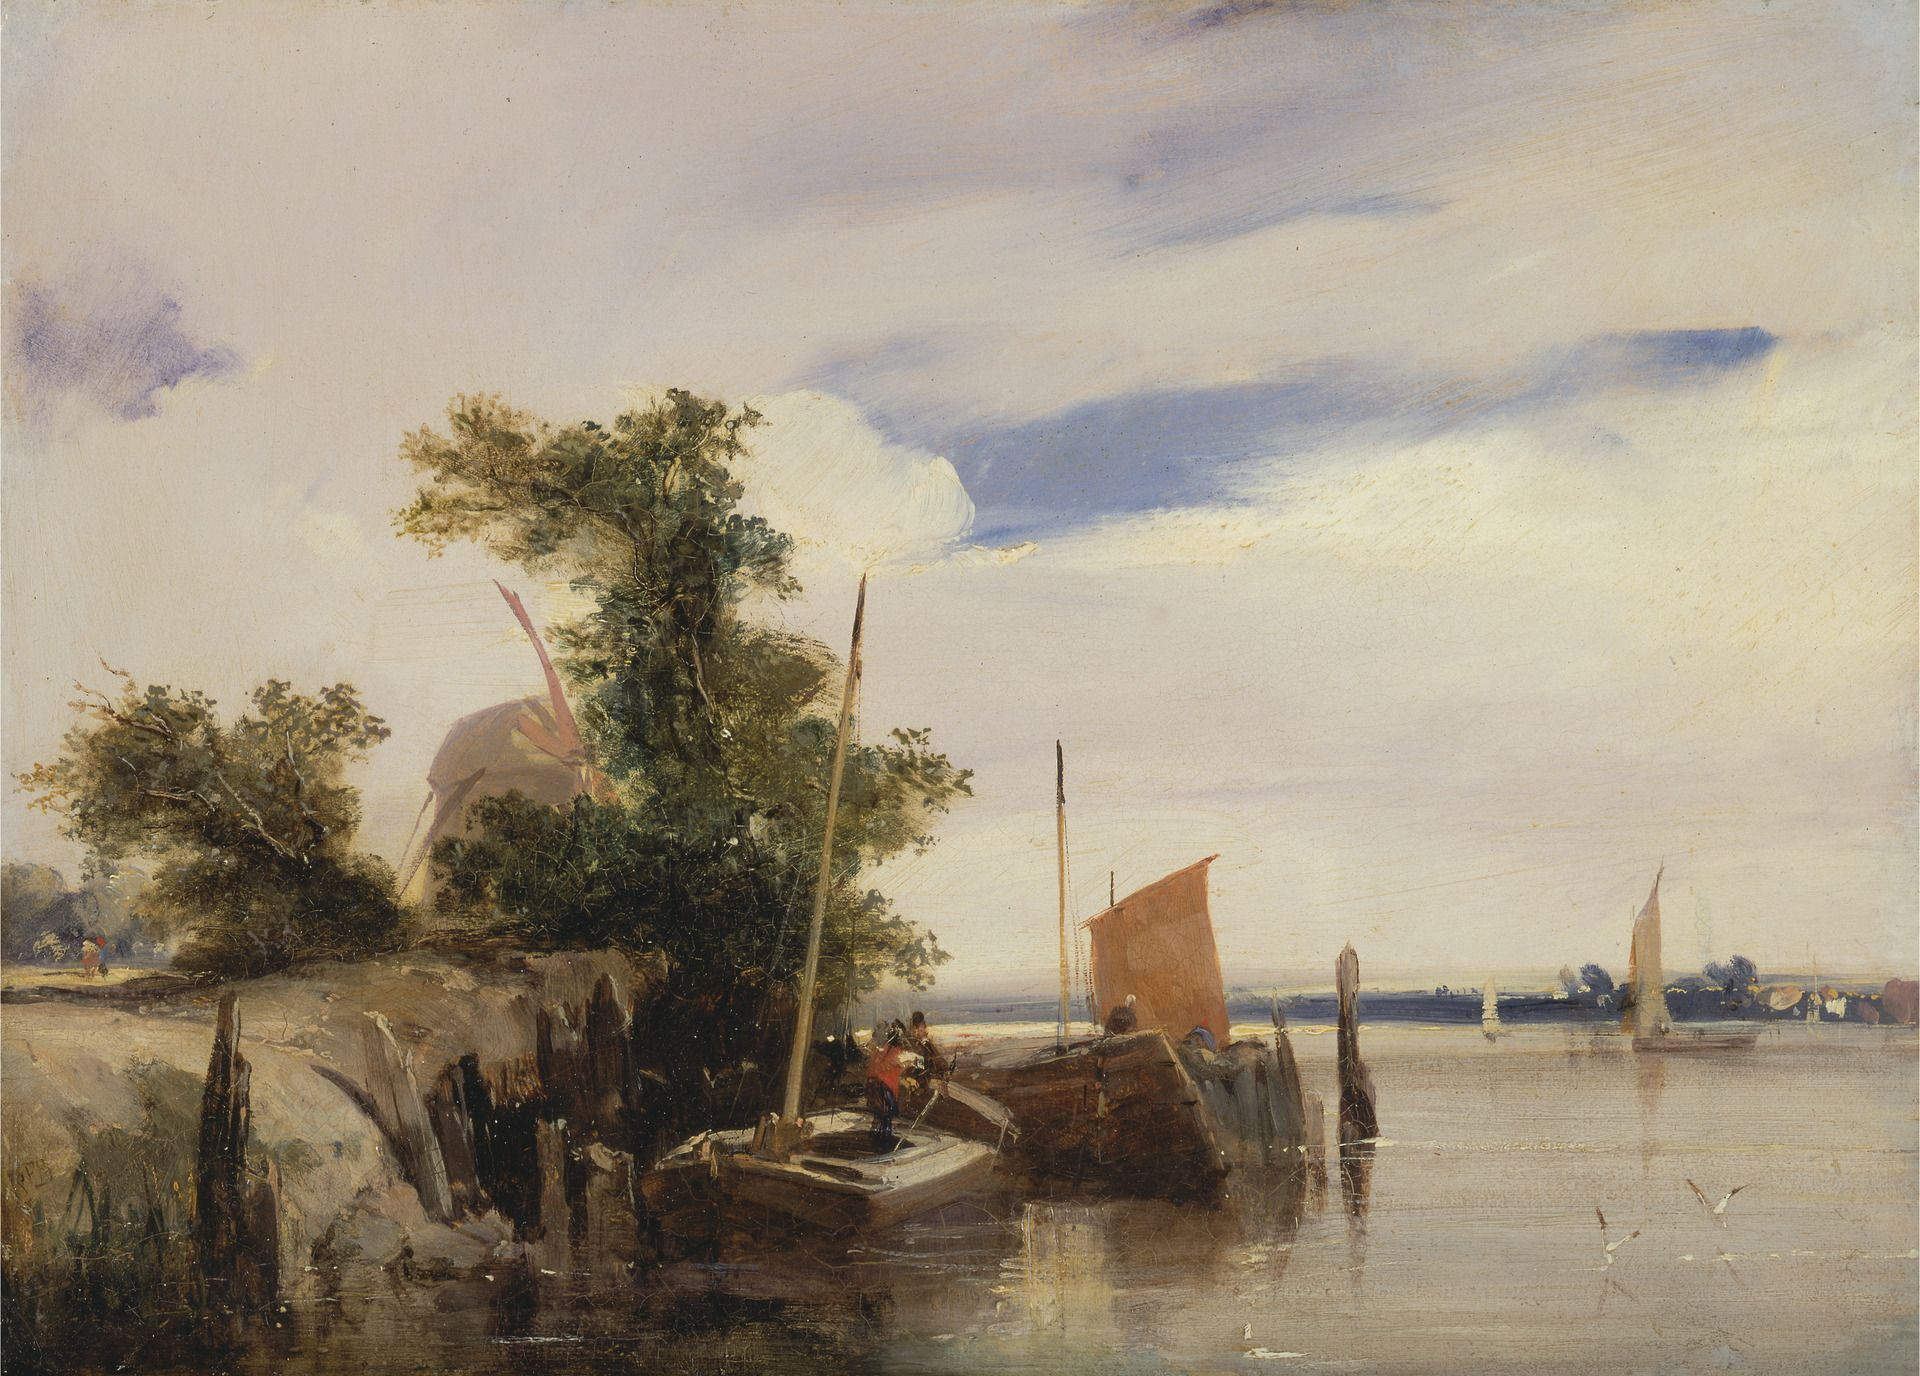 Barges on a River | Richard Parkes Bonington | Oil Painting